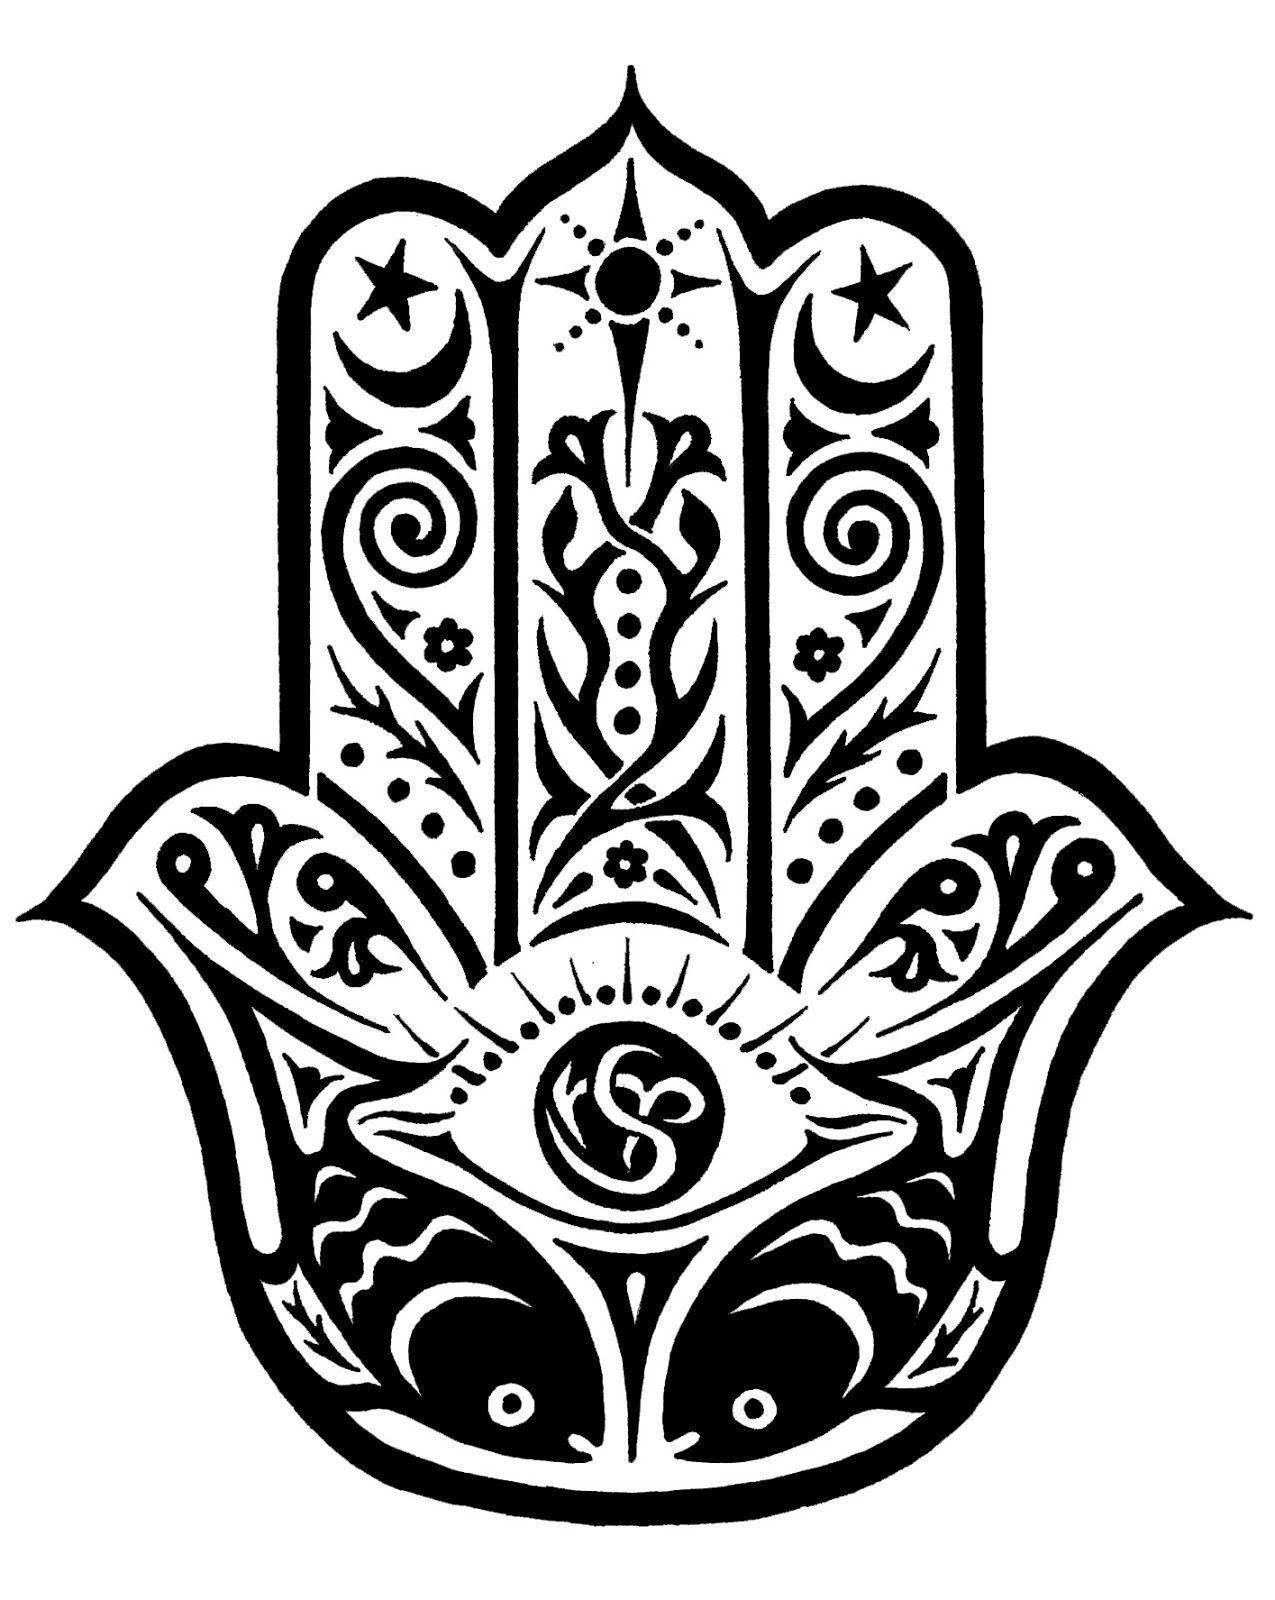 American folkloric witchcraft the evil eye tattoo designs american folkloric witchcraft the evil eye buddhist symbolshamsa biocorpaavc